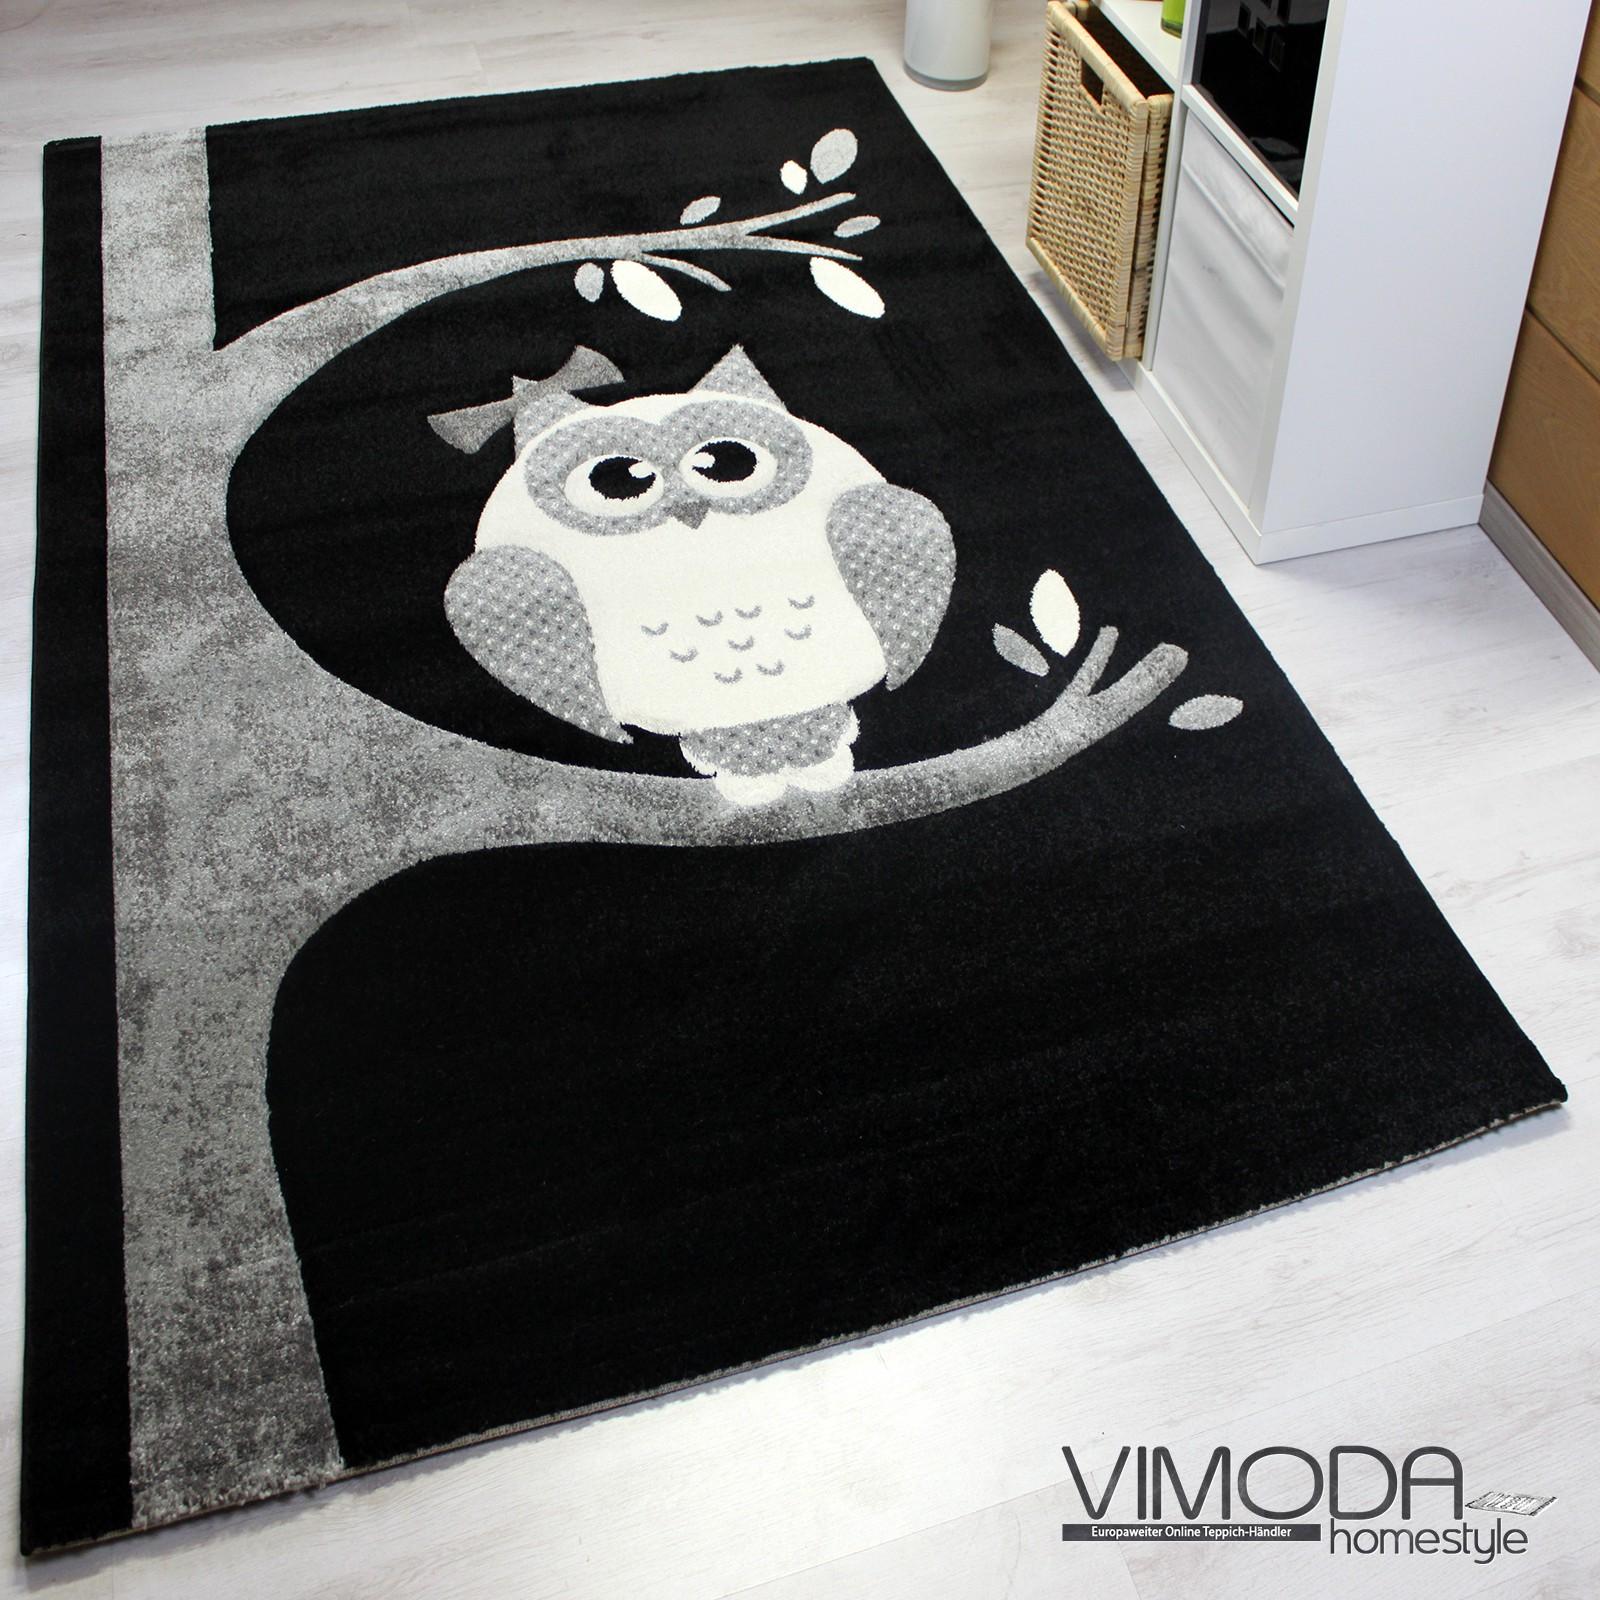 moderner kinder teppich mit eule schwarz weiss kinderzimmer naturfreundlich ebay. Black Bedroom Furniture Sets. Home Design Ideas